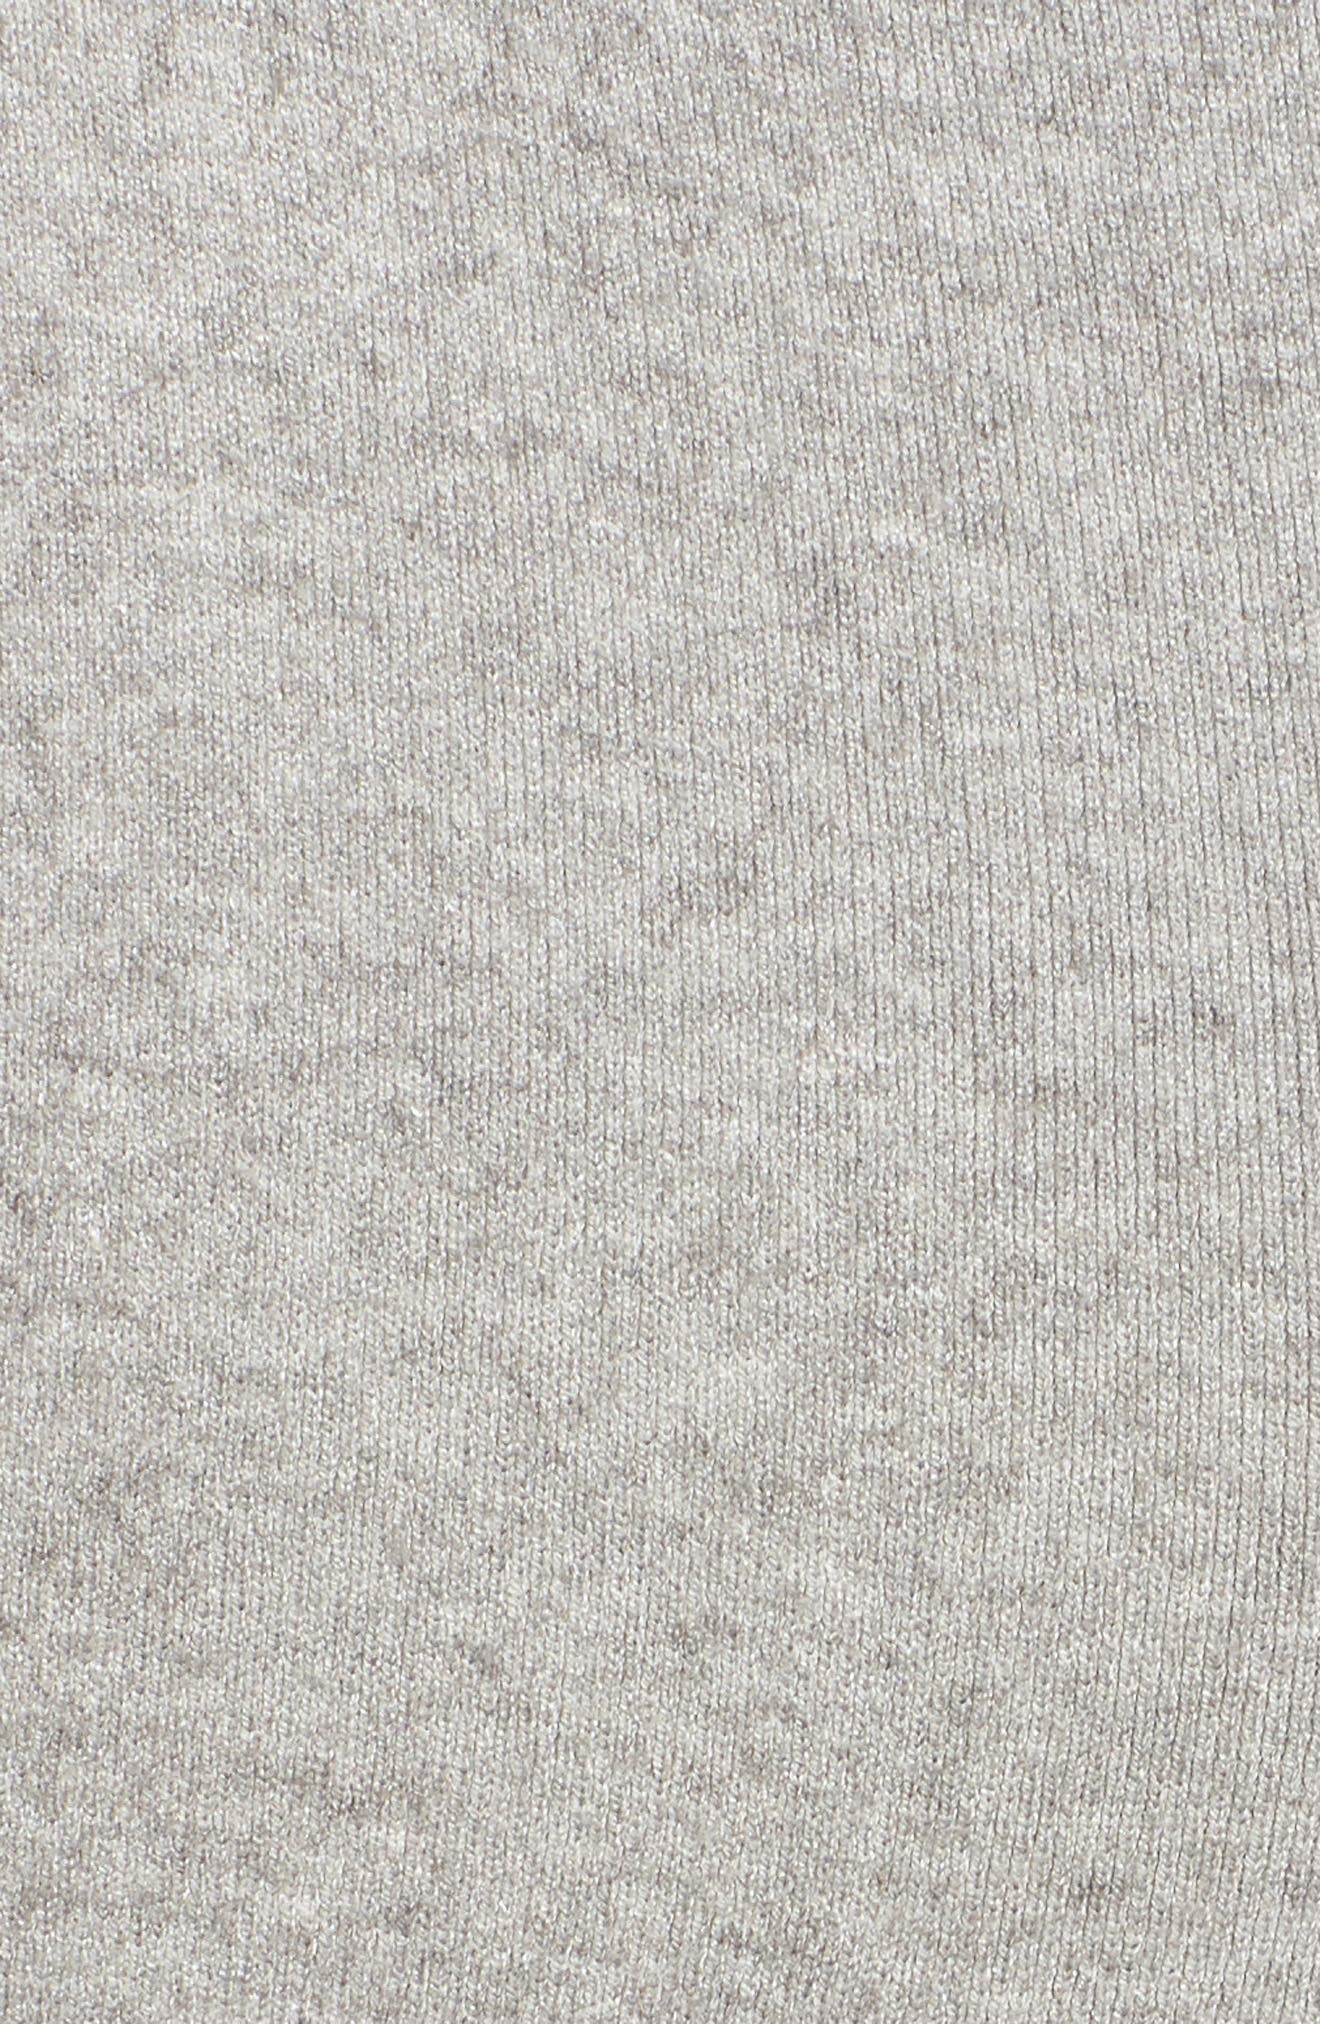 Crop Knit Jumpsuit,                             Alternate thumbnail 5, color,                             020